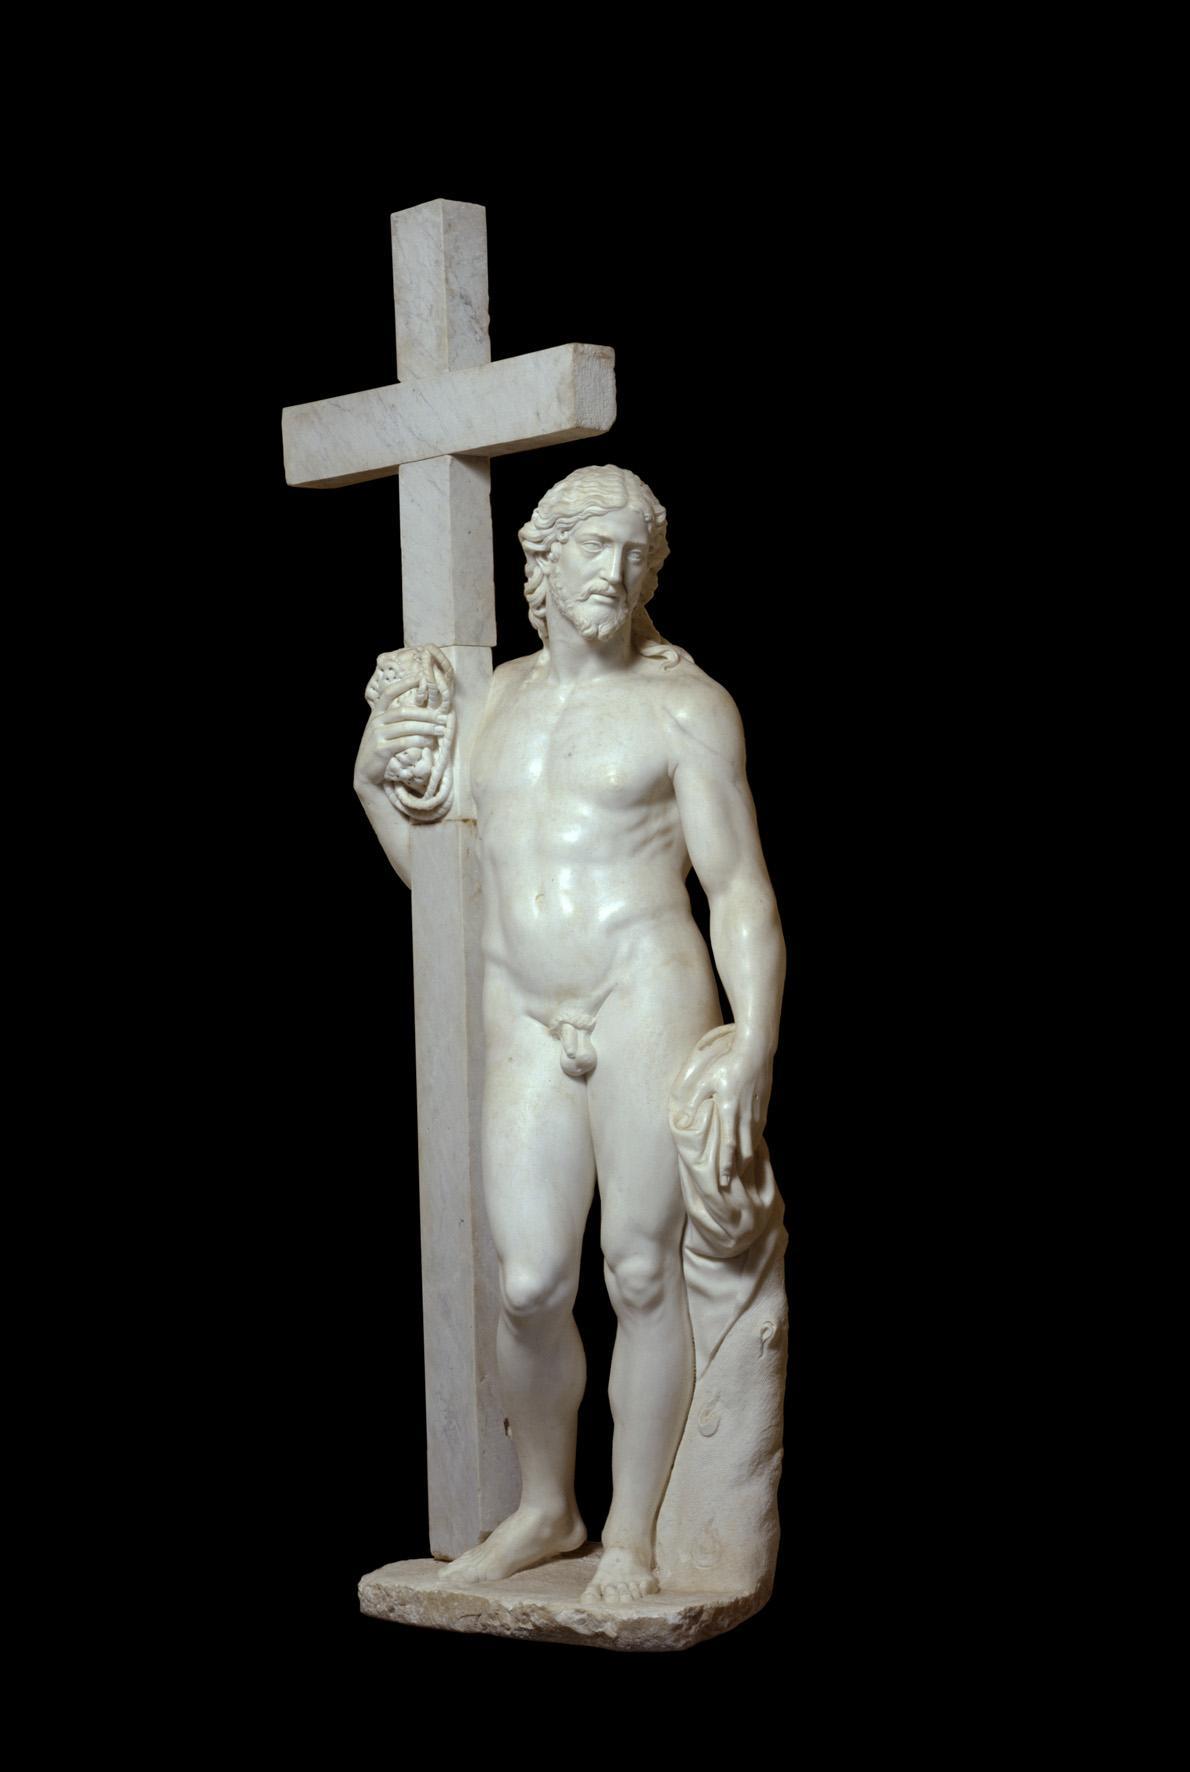 PÚBLICO - Este é o Cristo nu e esquecido de Miguel Ângelo